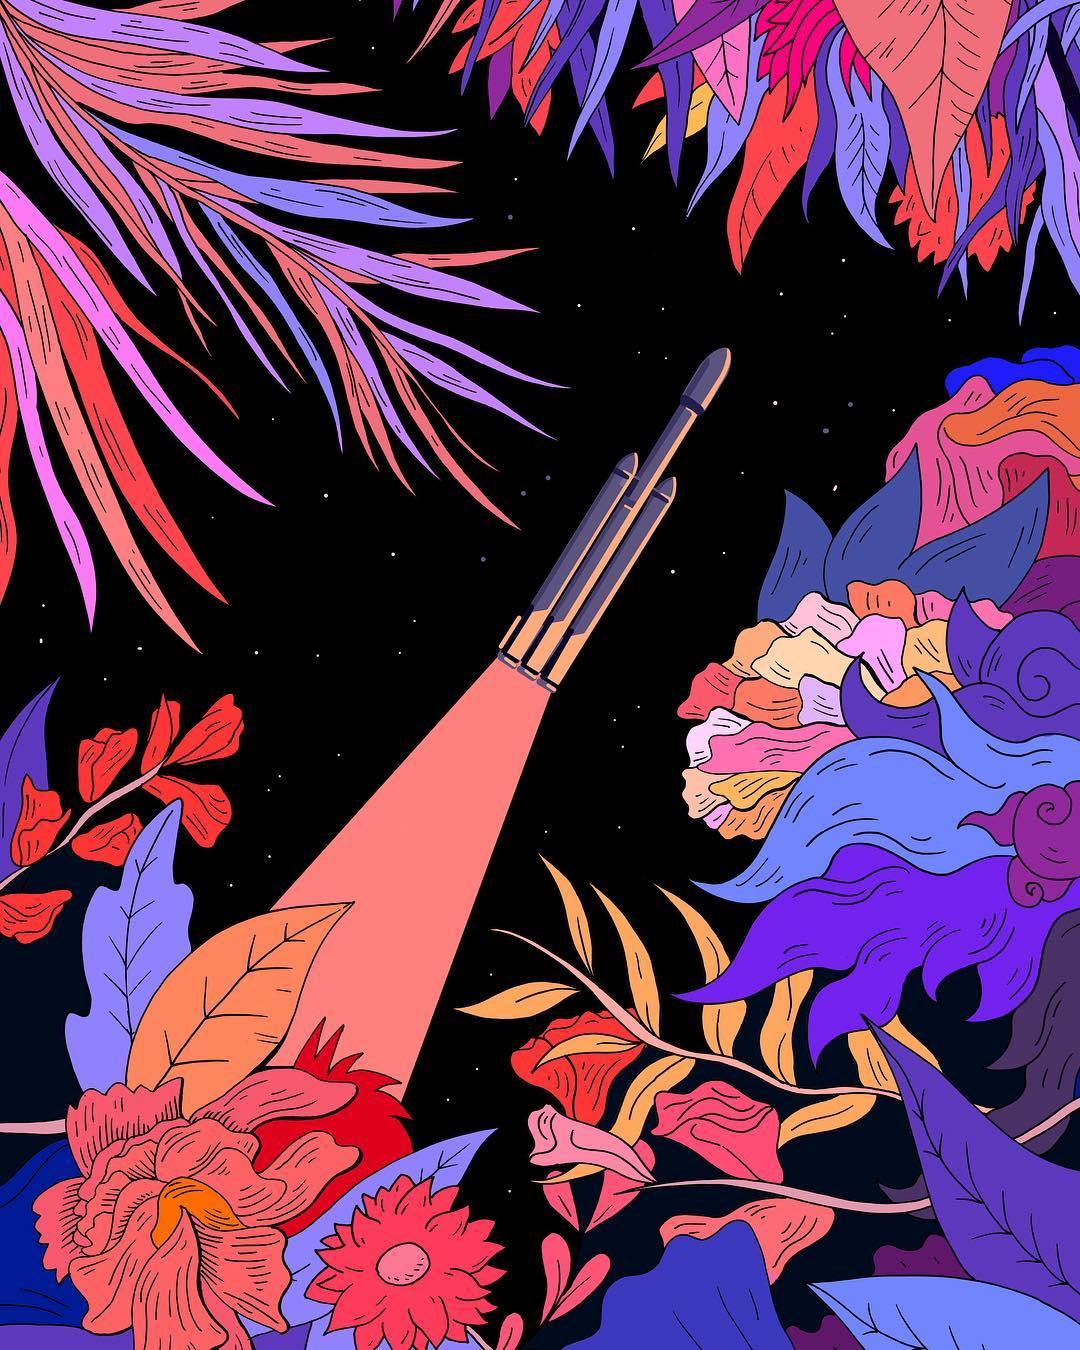 Lo storytelling nelle illustrazioni di Tanguy Jestin | Collater.al